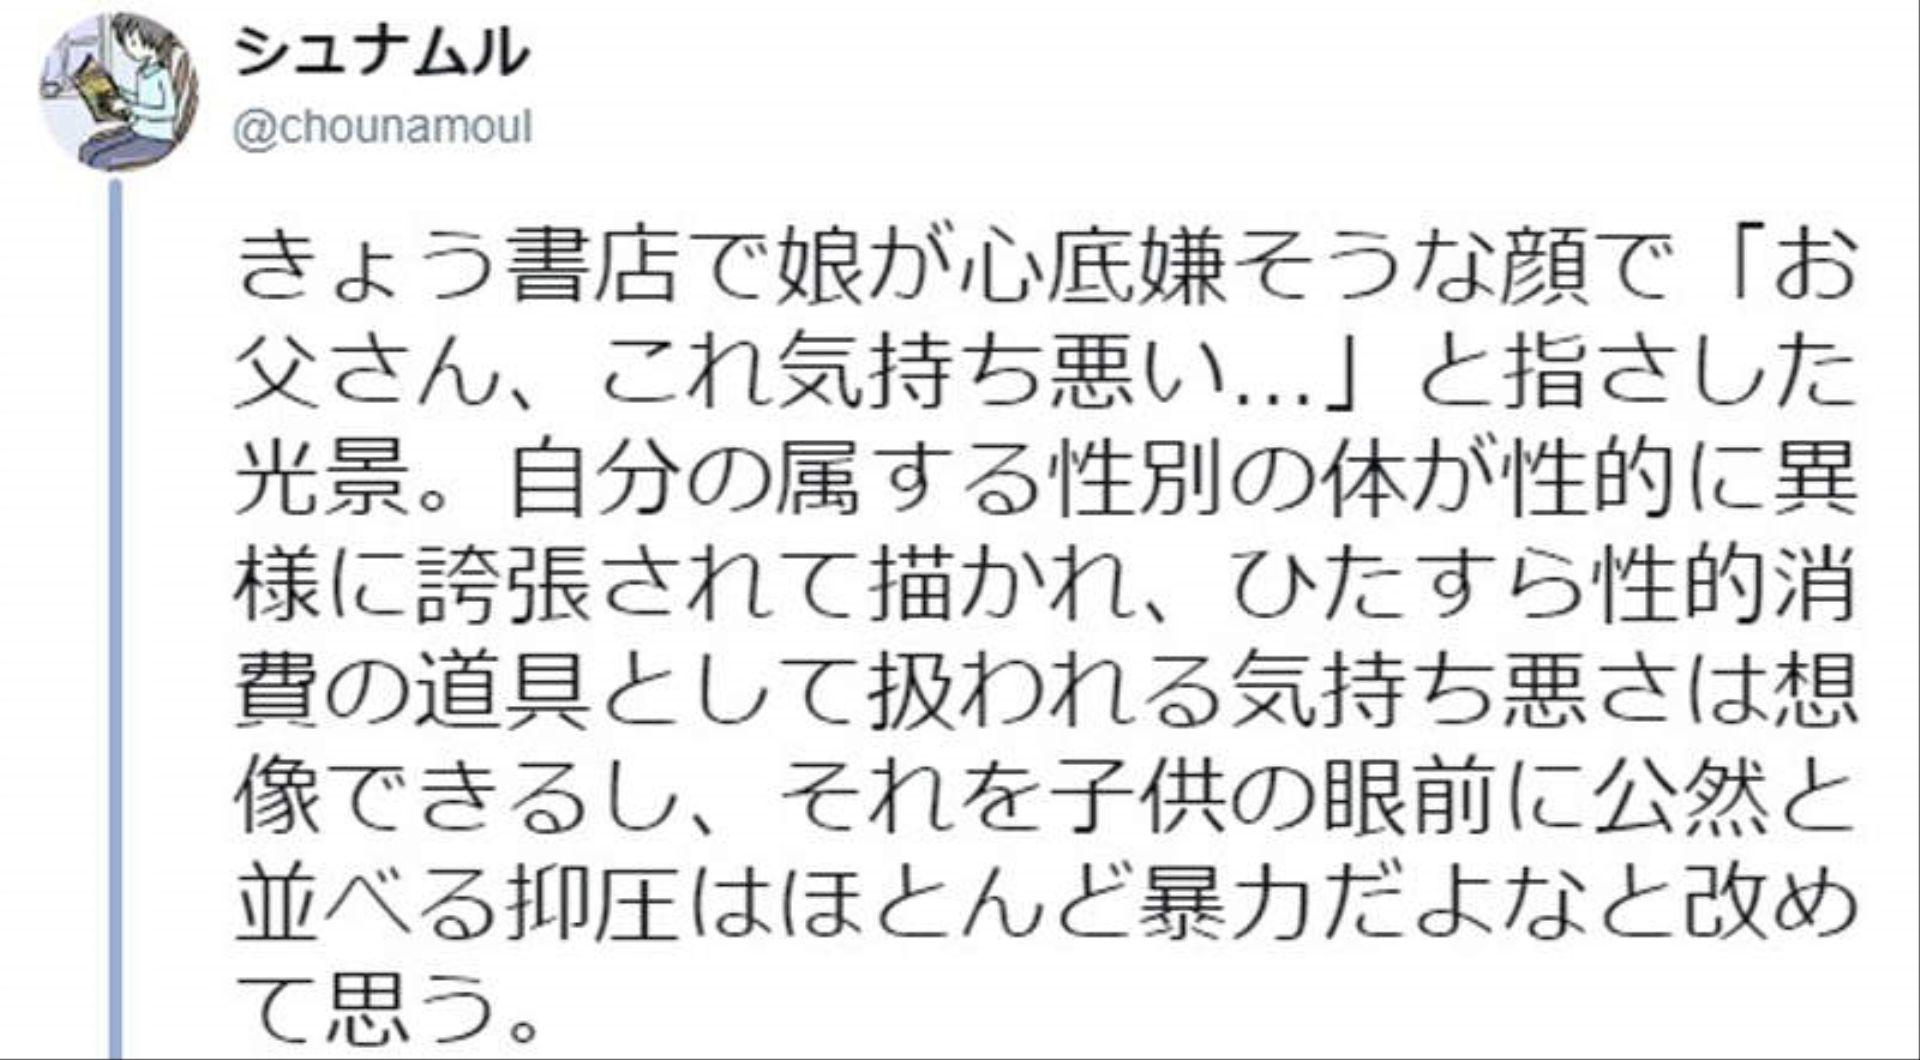 日本轻小说封面火辣遭家长痛批低俗 小学生看了表示很恶心